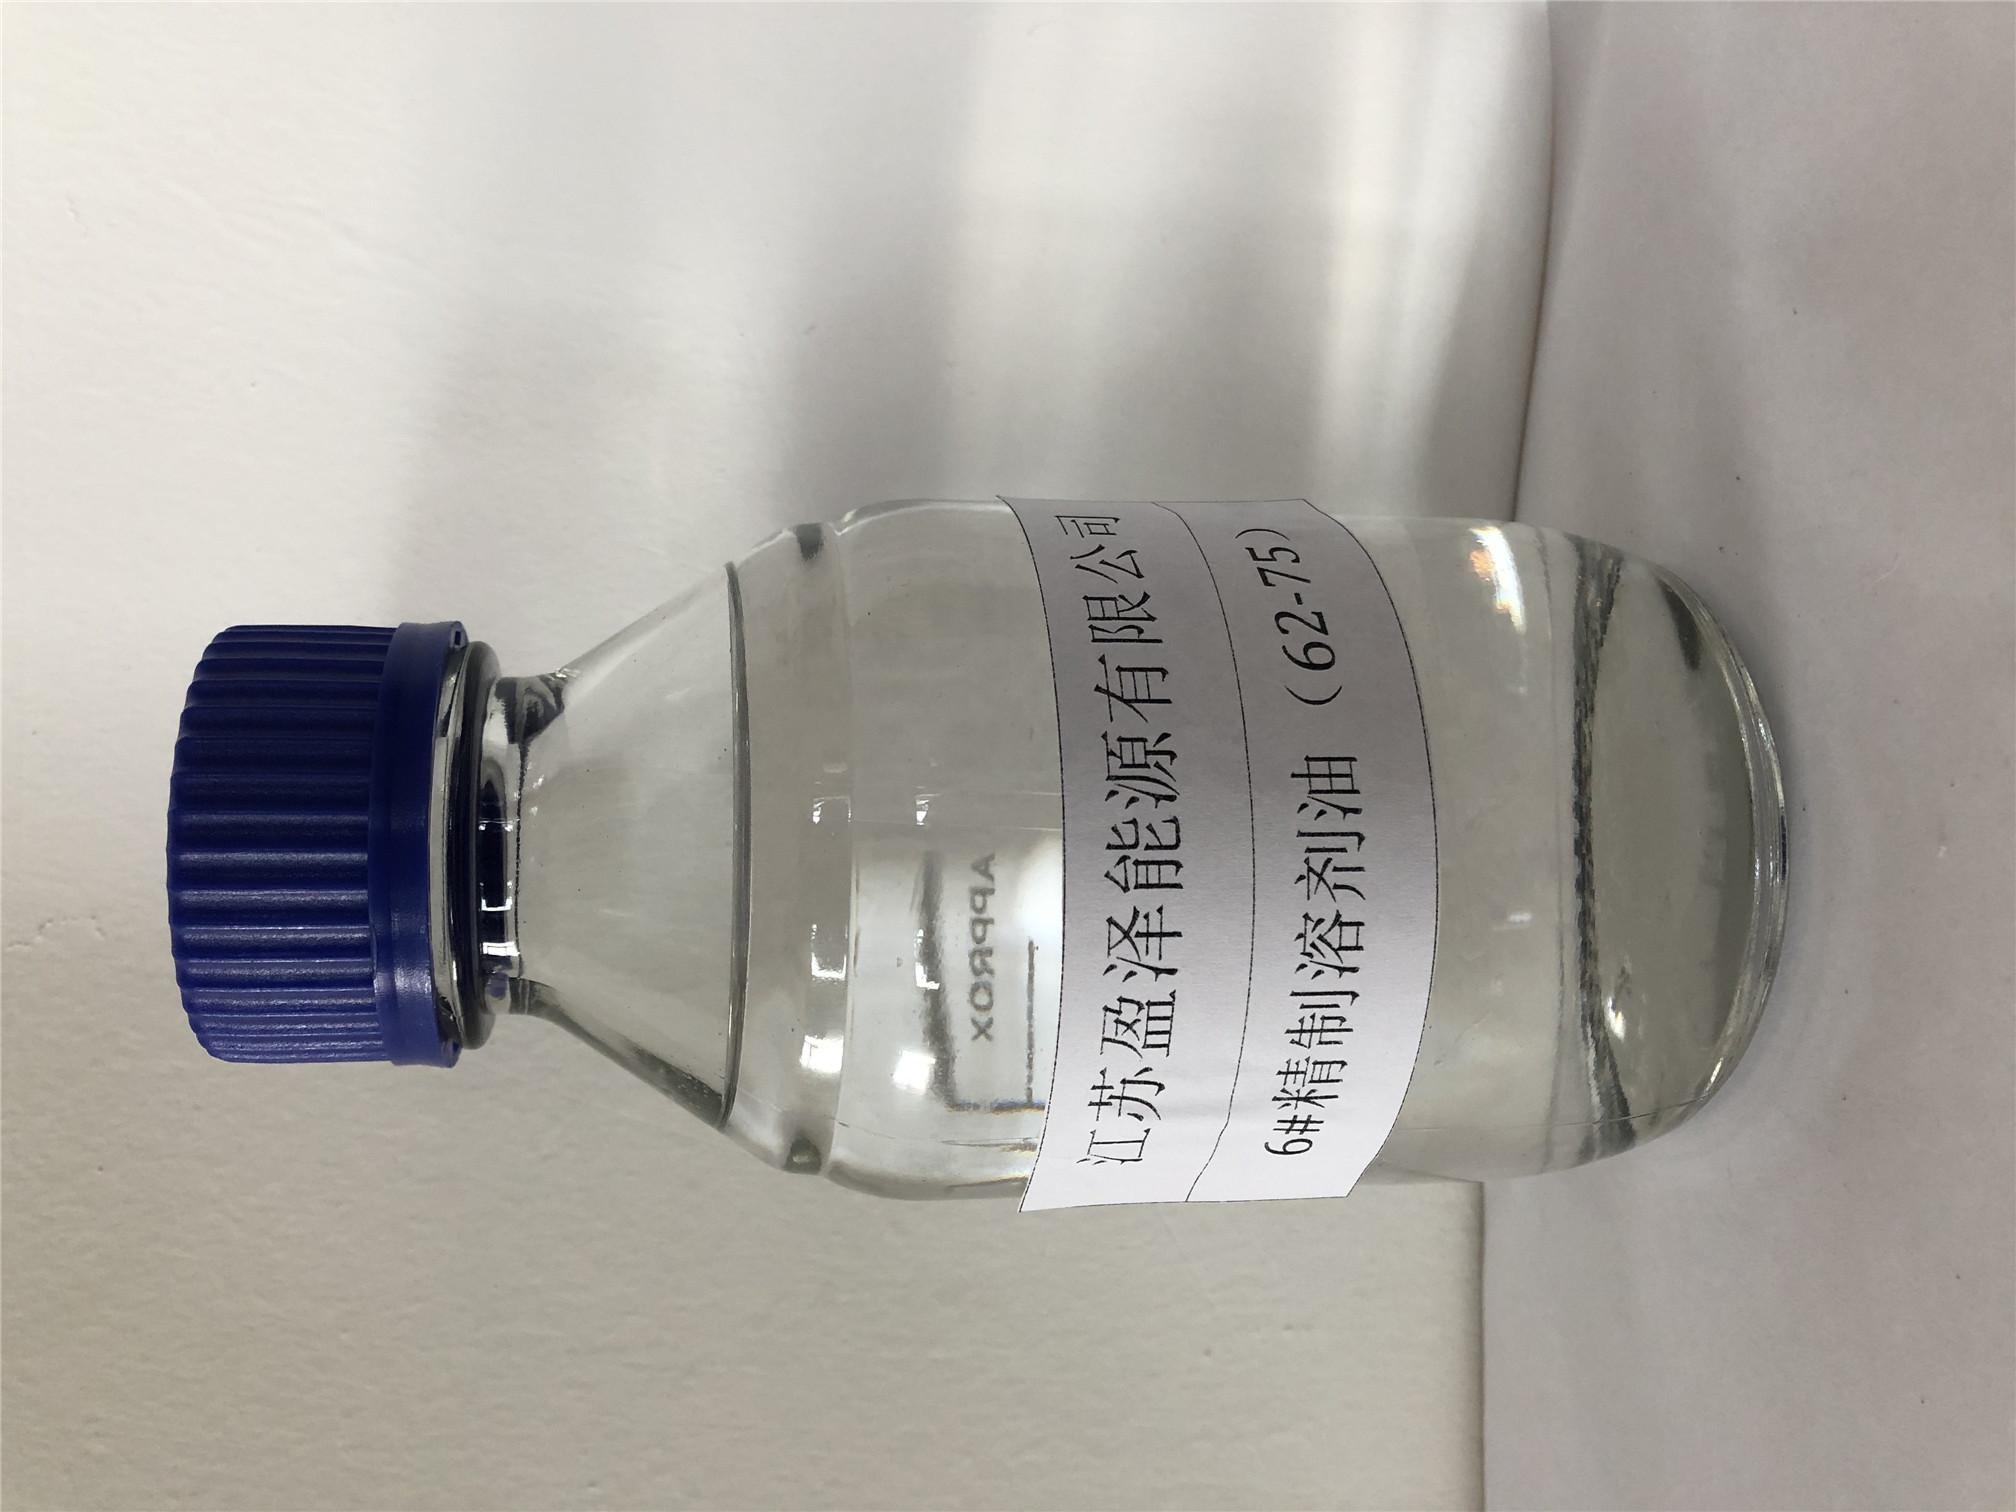 无锡D30溶剂油价格 欢迎咨询 江苏盈泽能源供应